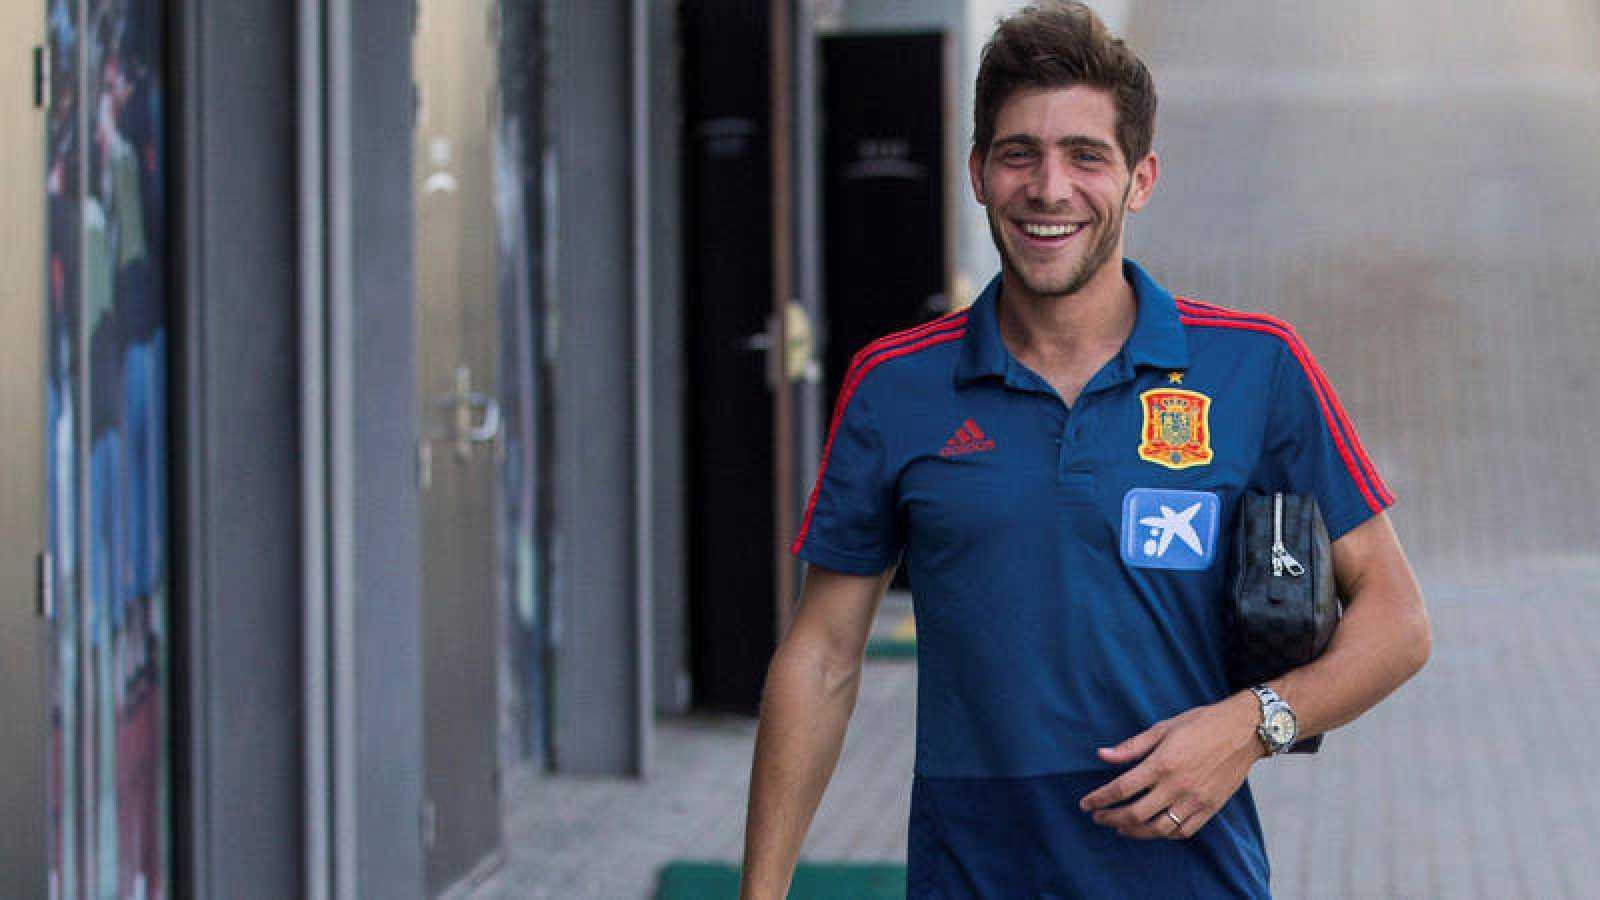 El jugador de la selección española Sergi Roberto a su llegada a la rueda de prensa.